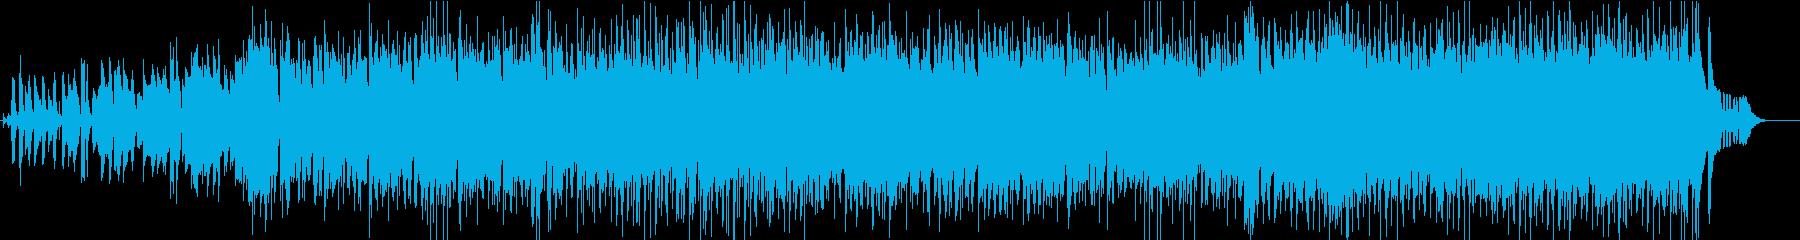 遊び心のある活気のあるジャズスウィングの再生済みの波形